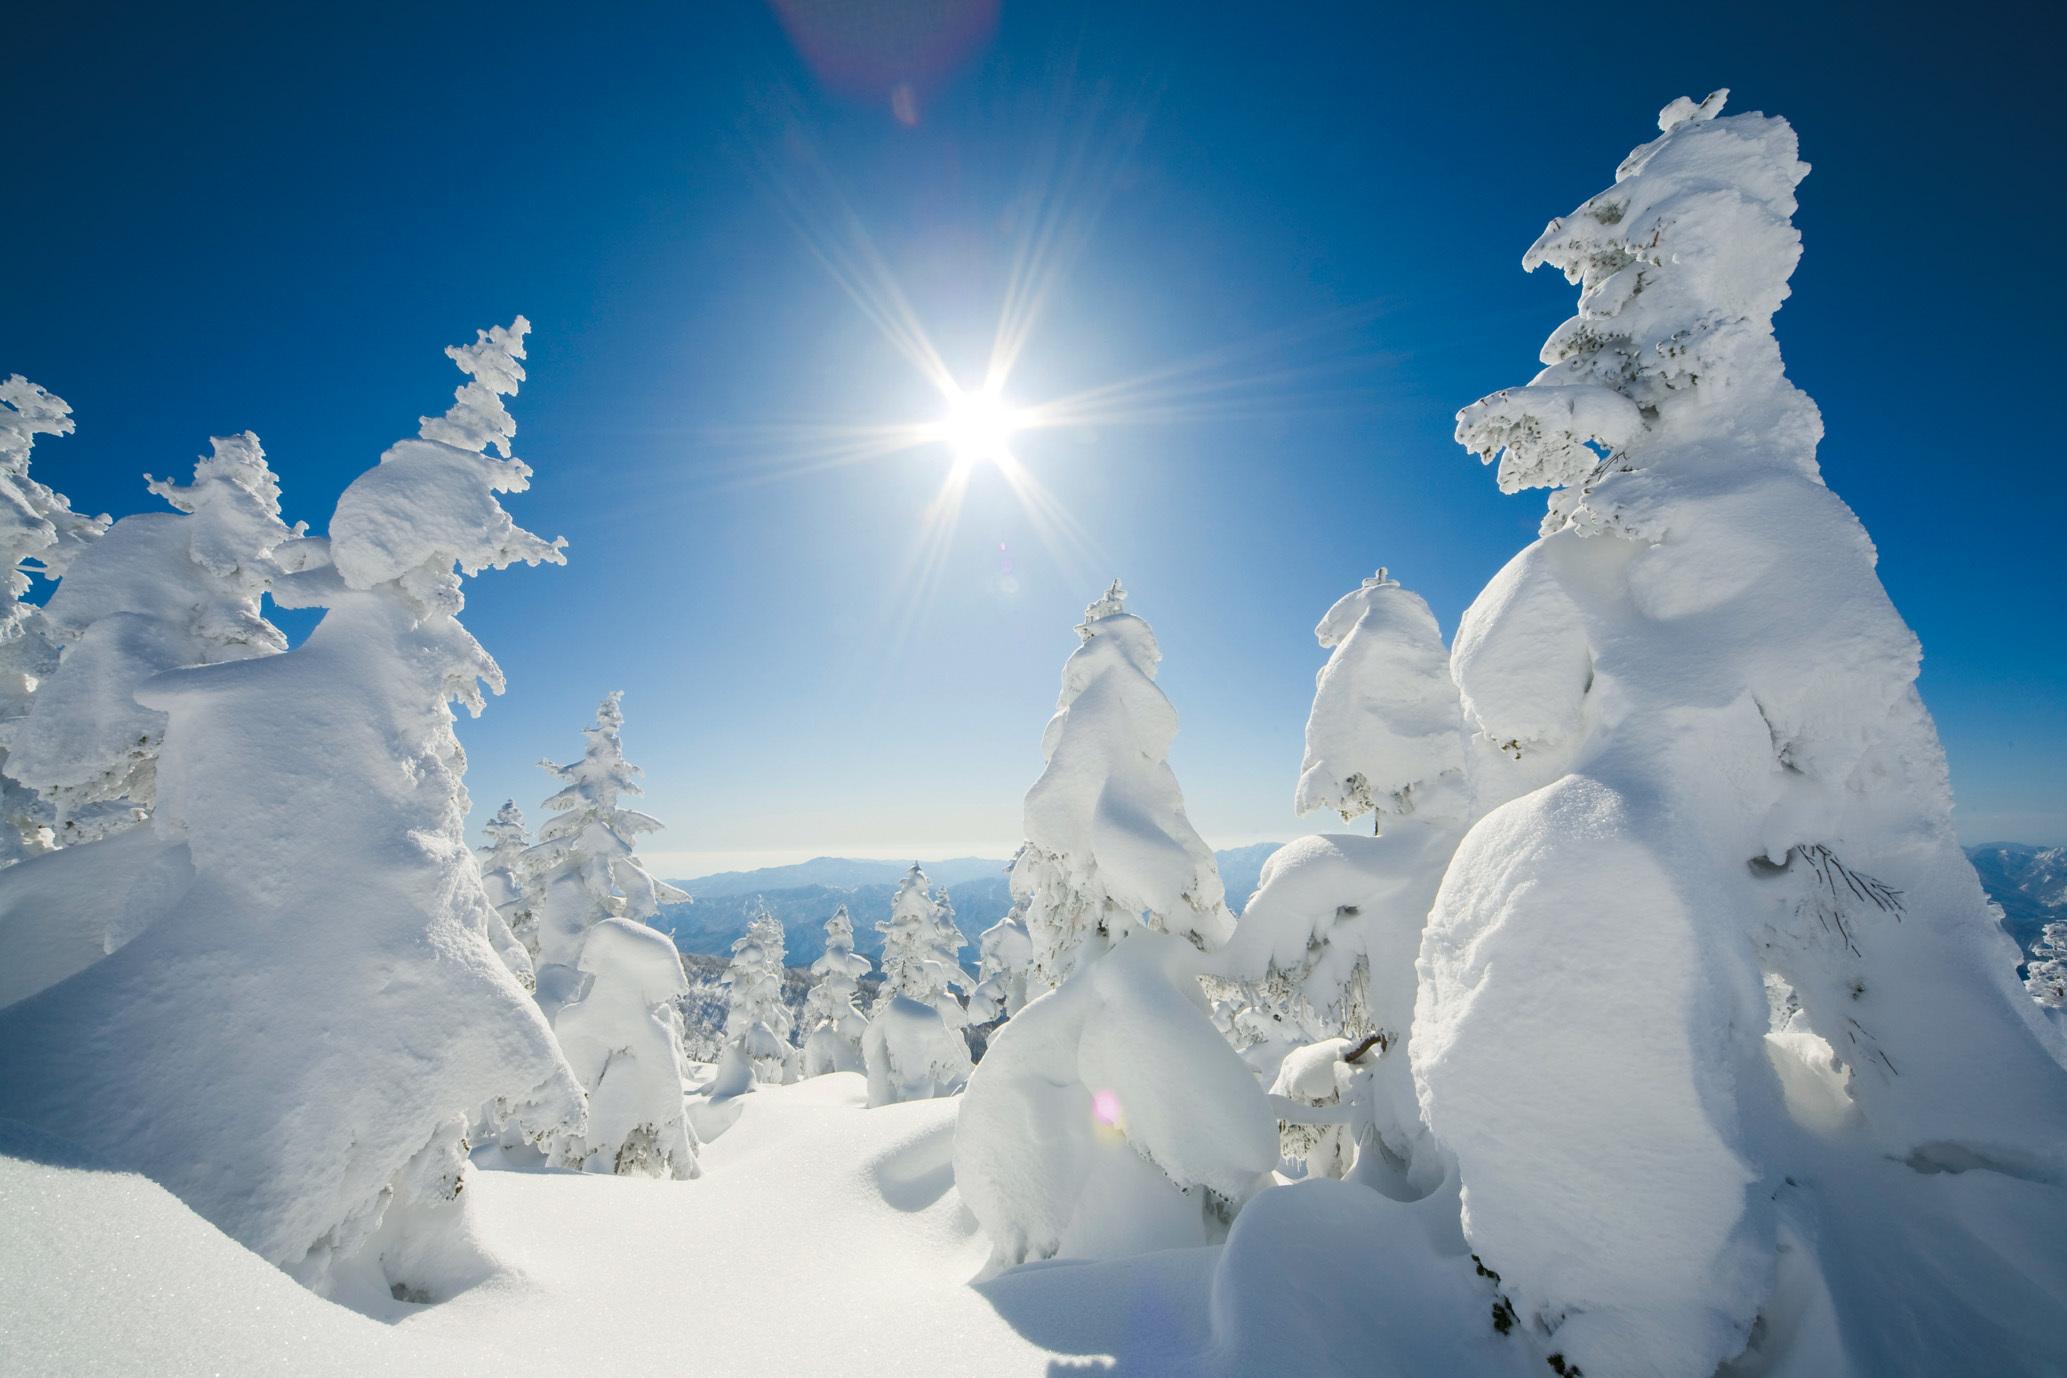 akita snow monster